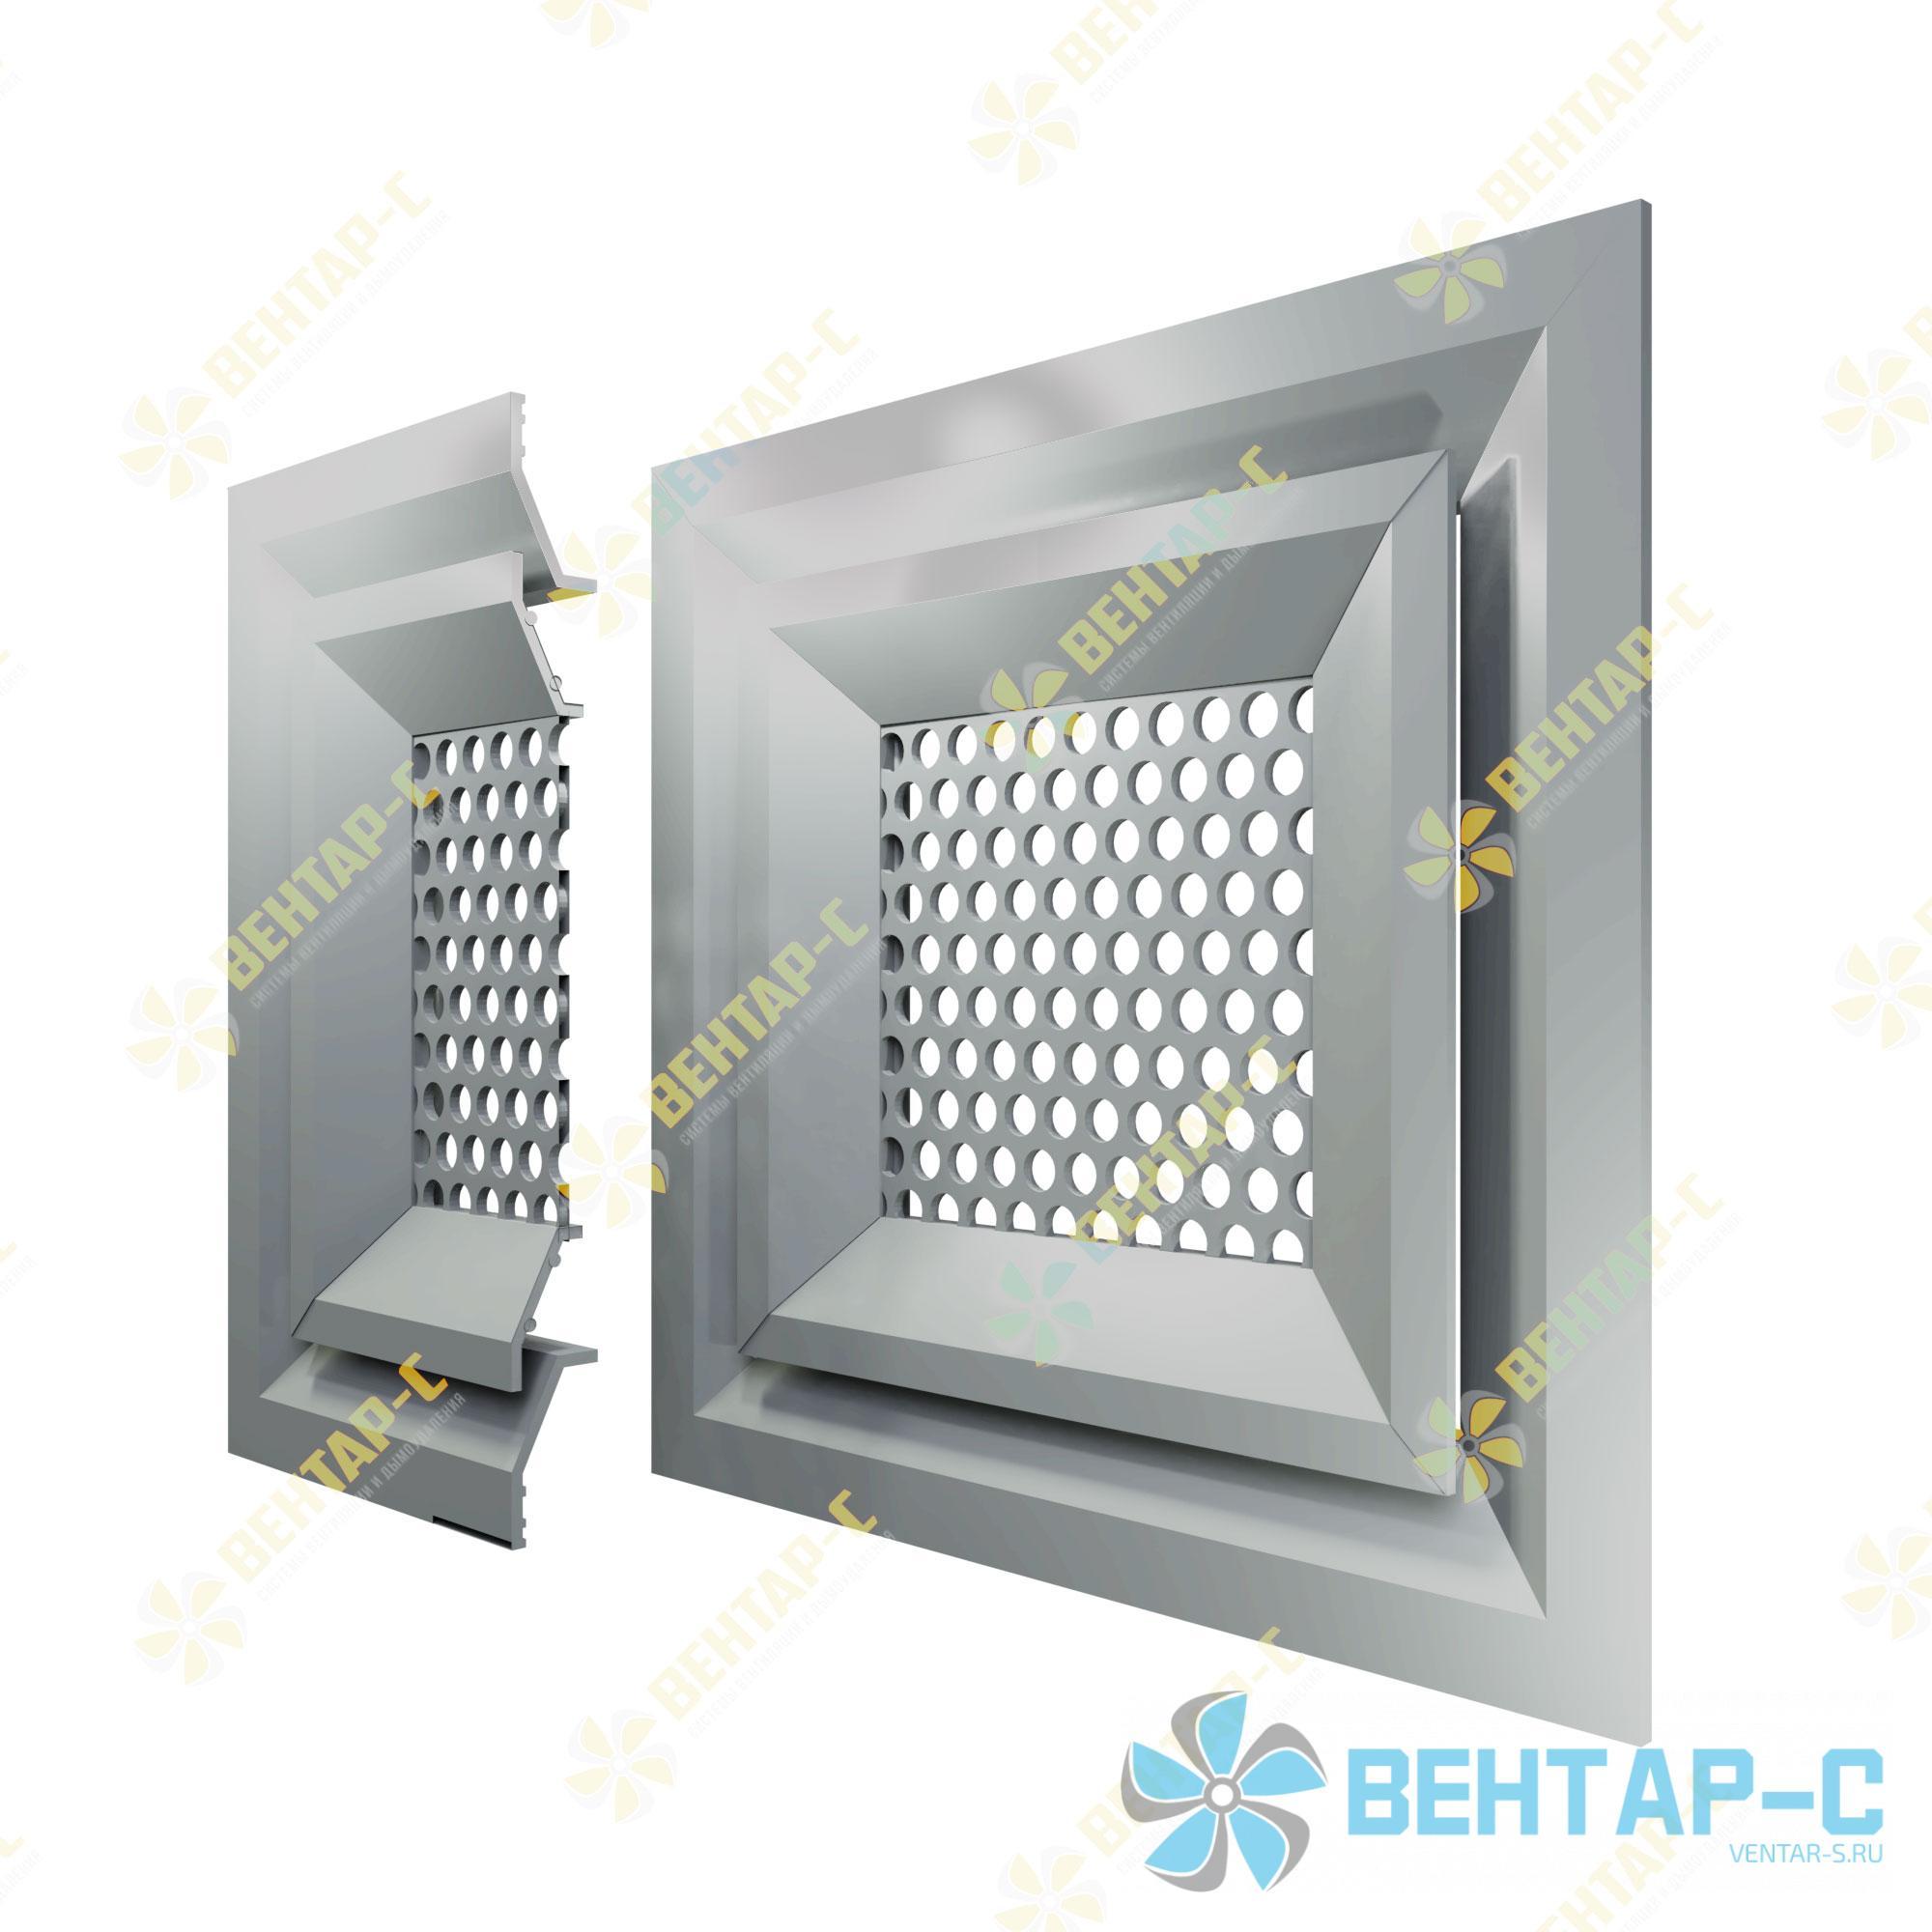 Потолочная перфорированная вентиляционная решетка 4ВРП